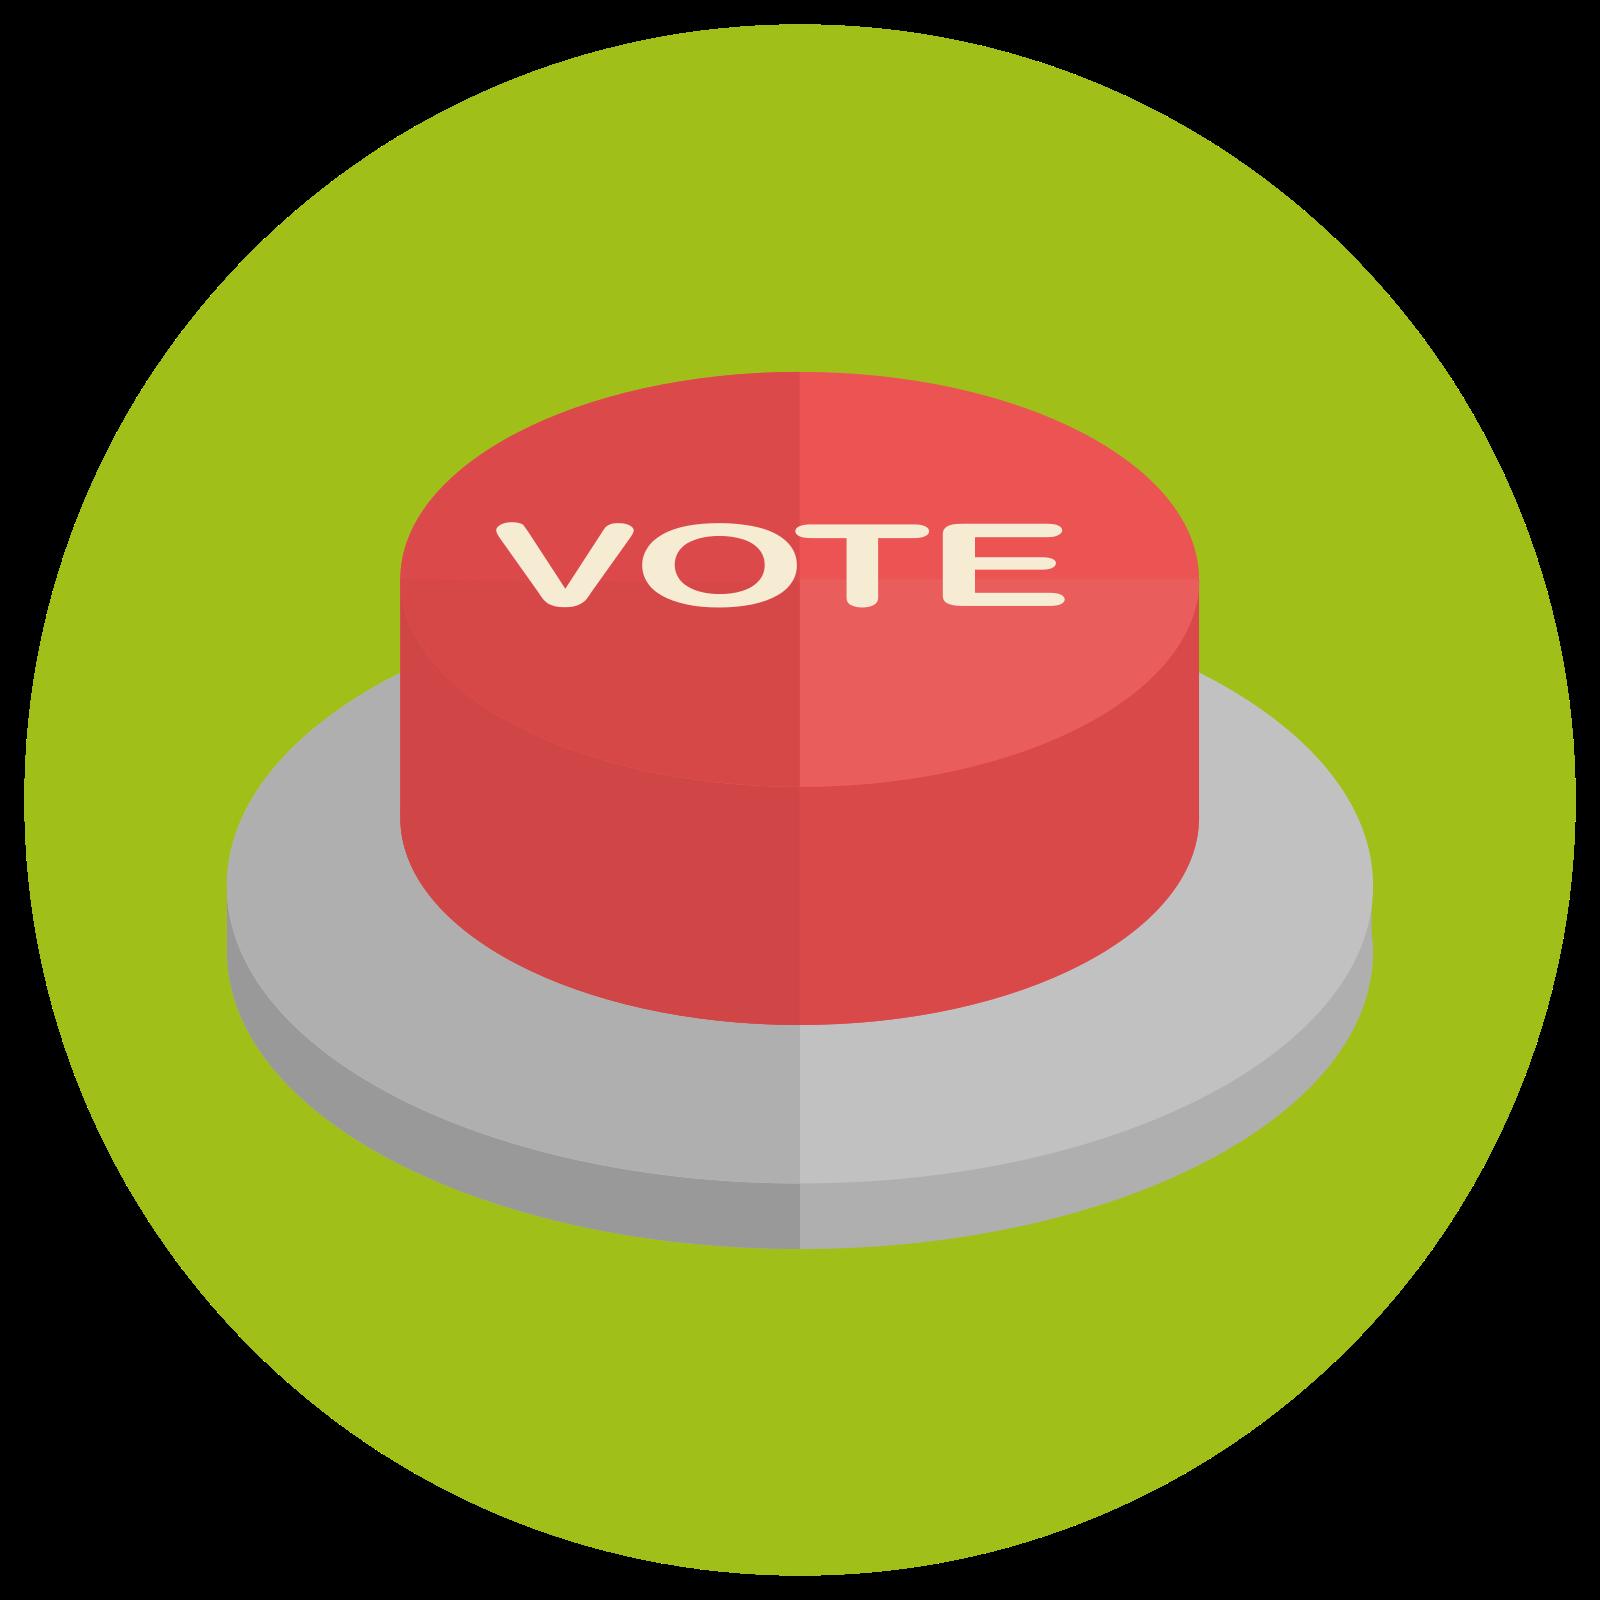 Vote Button icon